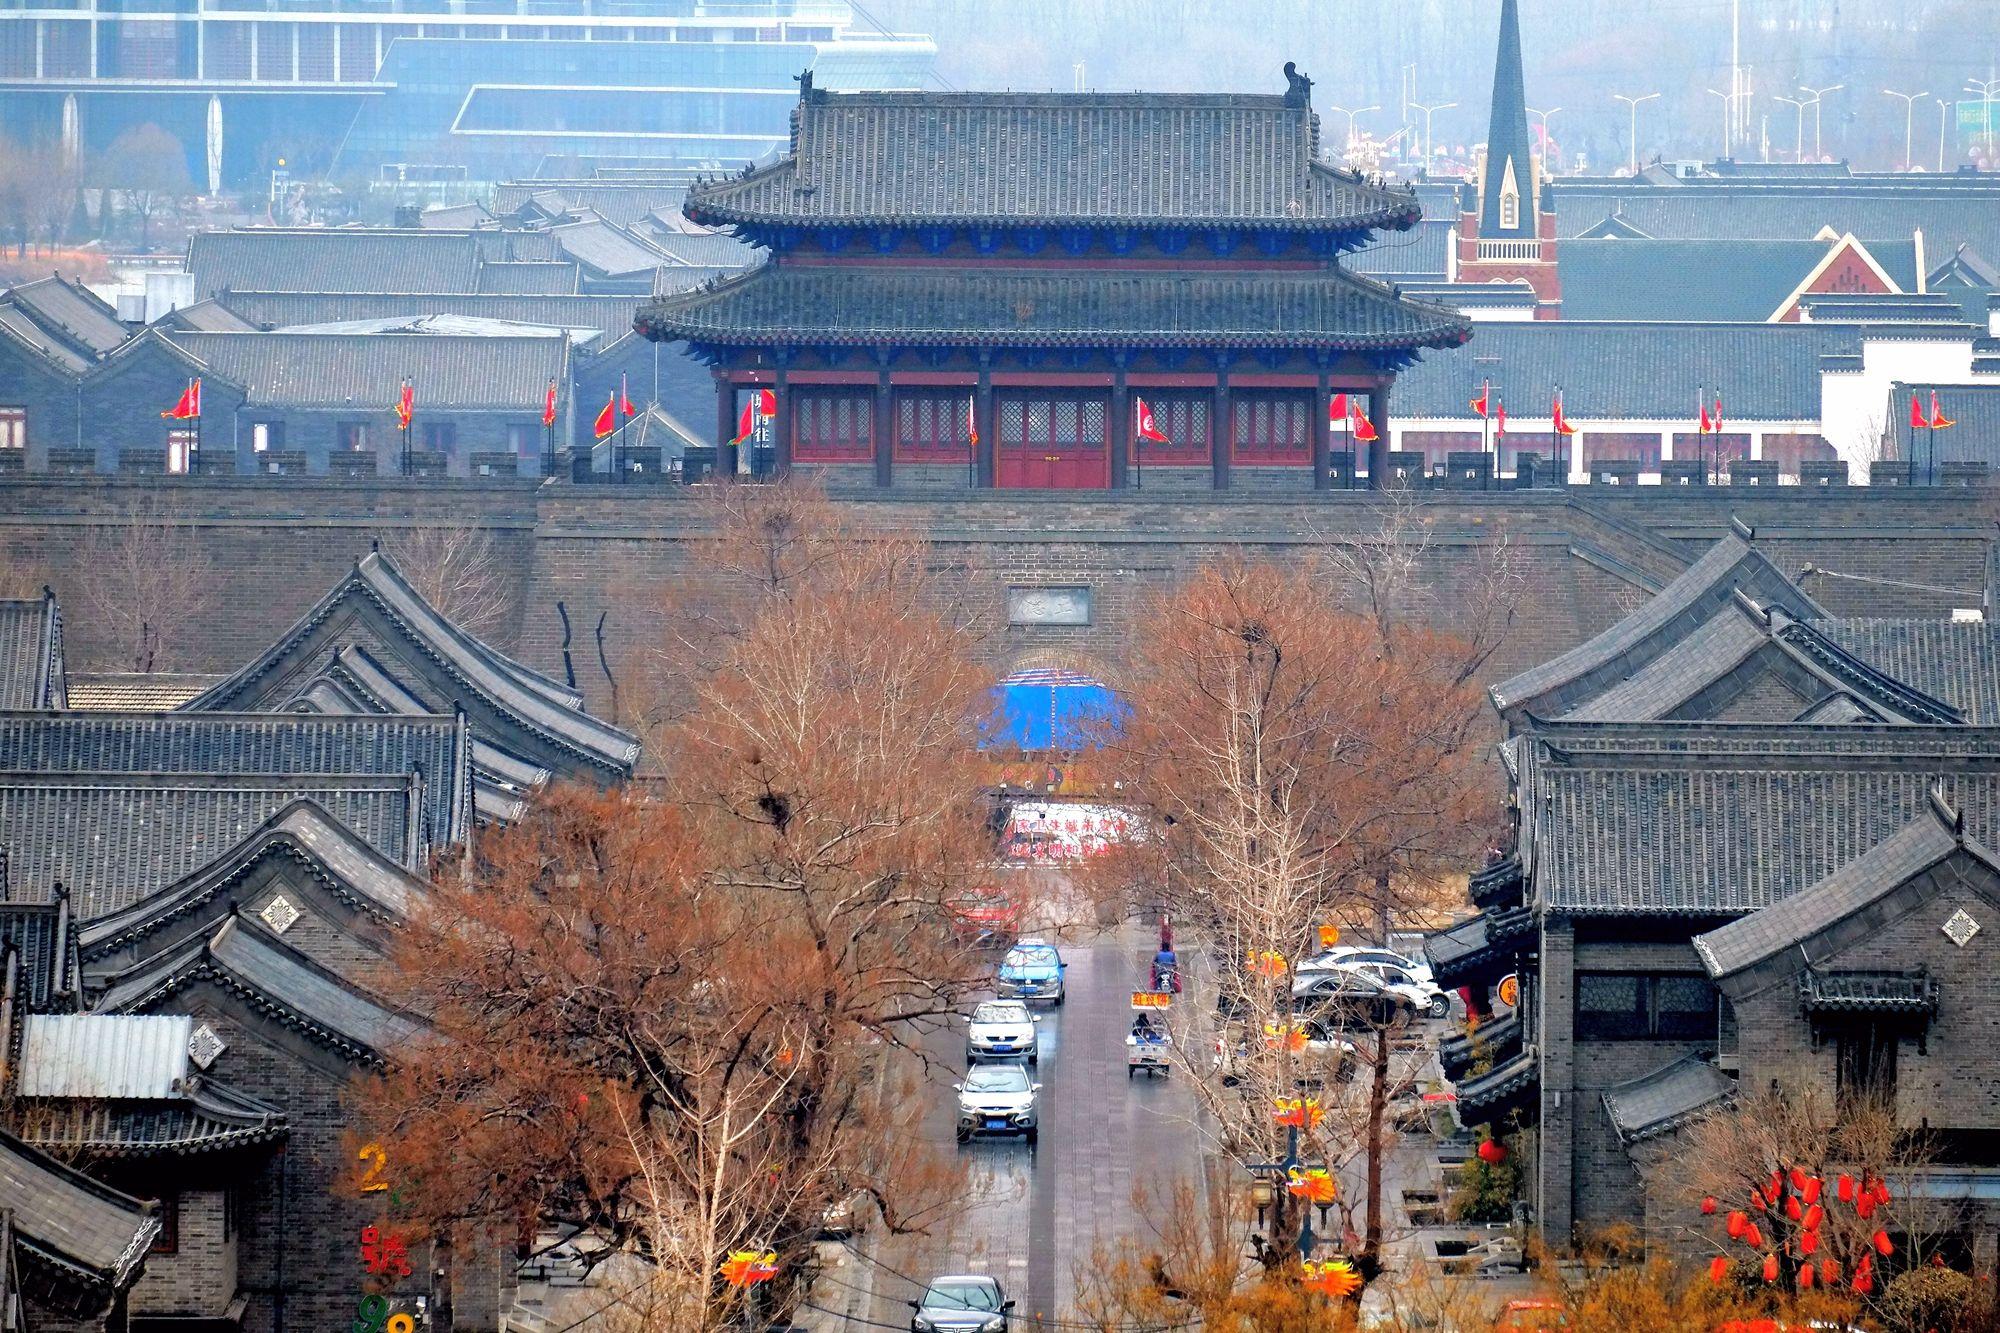 山东十大文化旅游目的地品牌 聊城大运河、古城入列